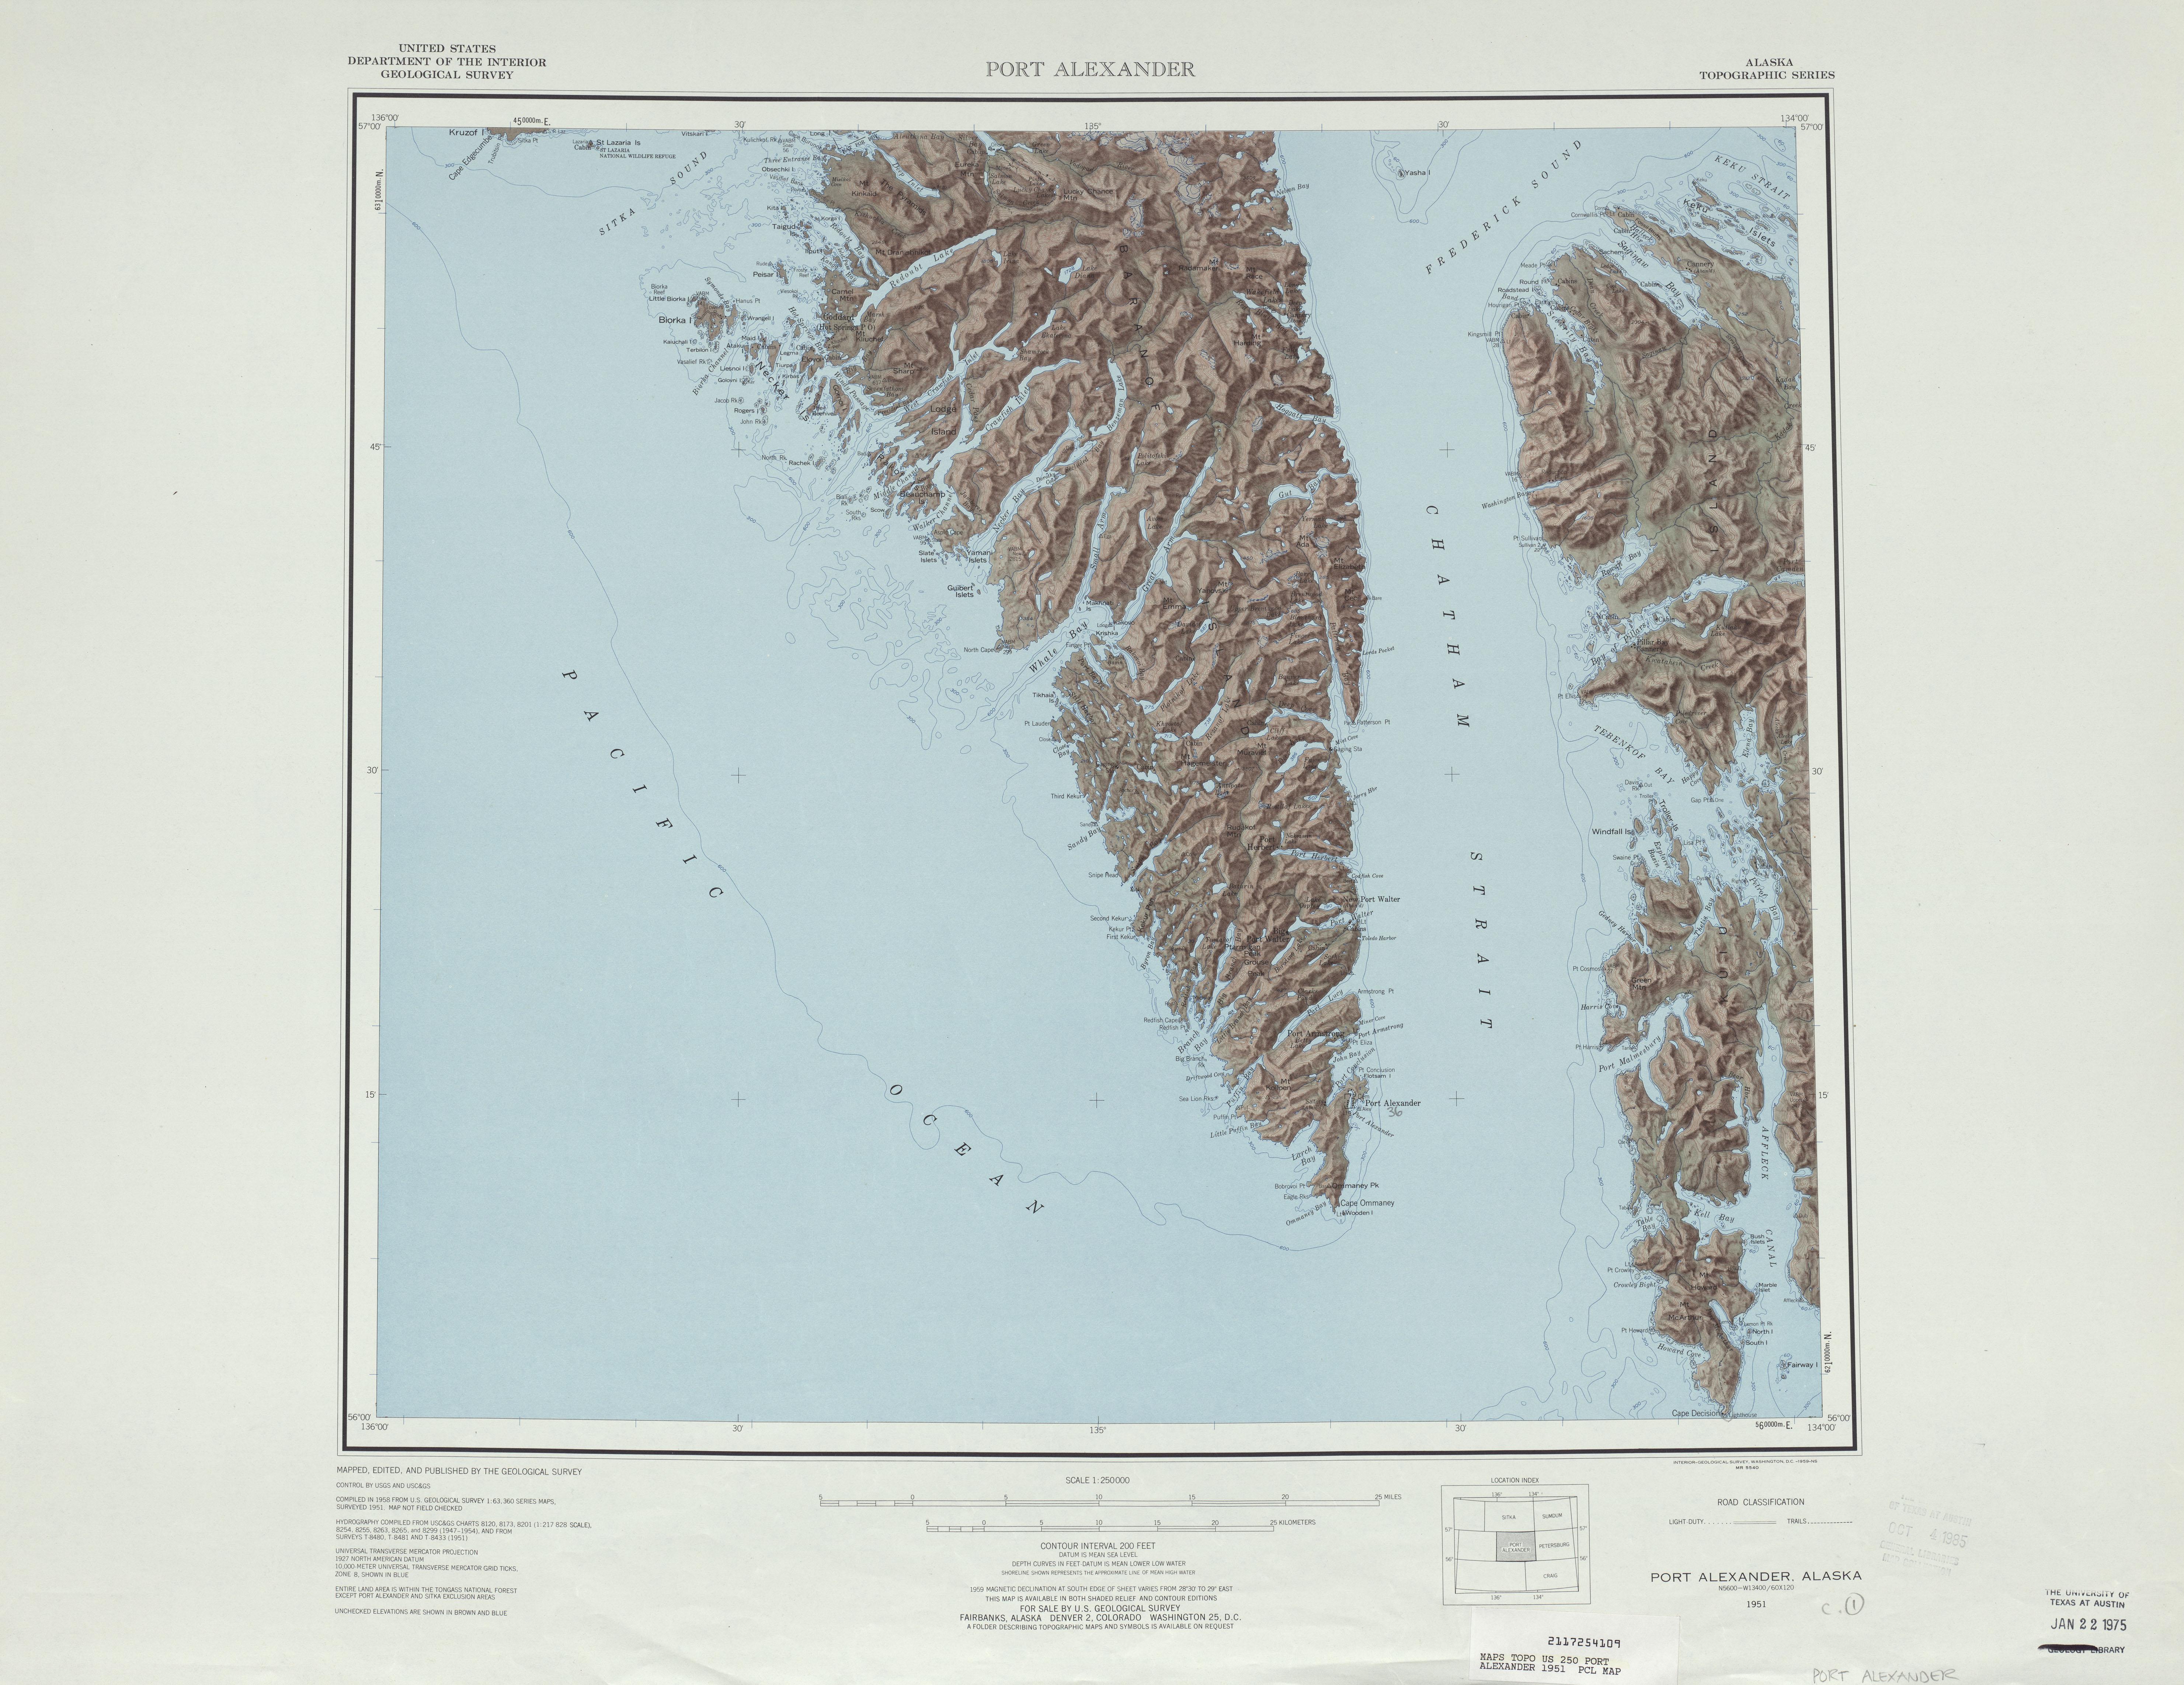 Hoja Port Alexander del Mapa Topográfico de los Estados Unidos 1951